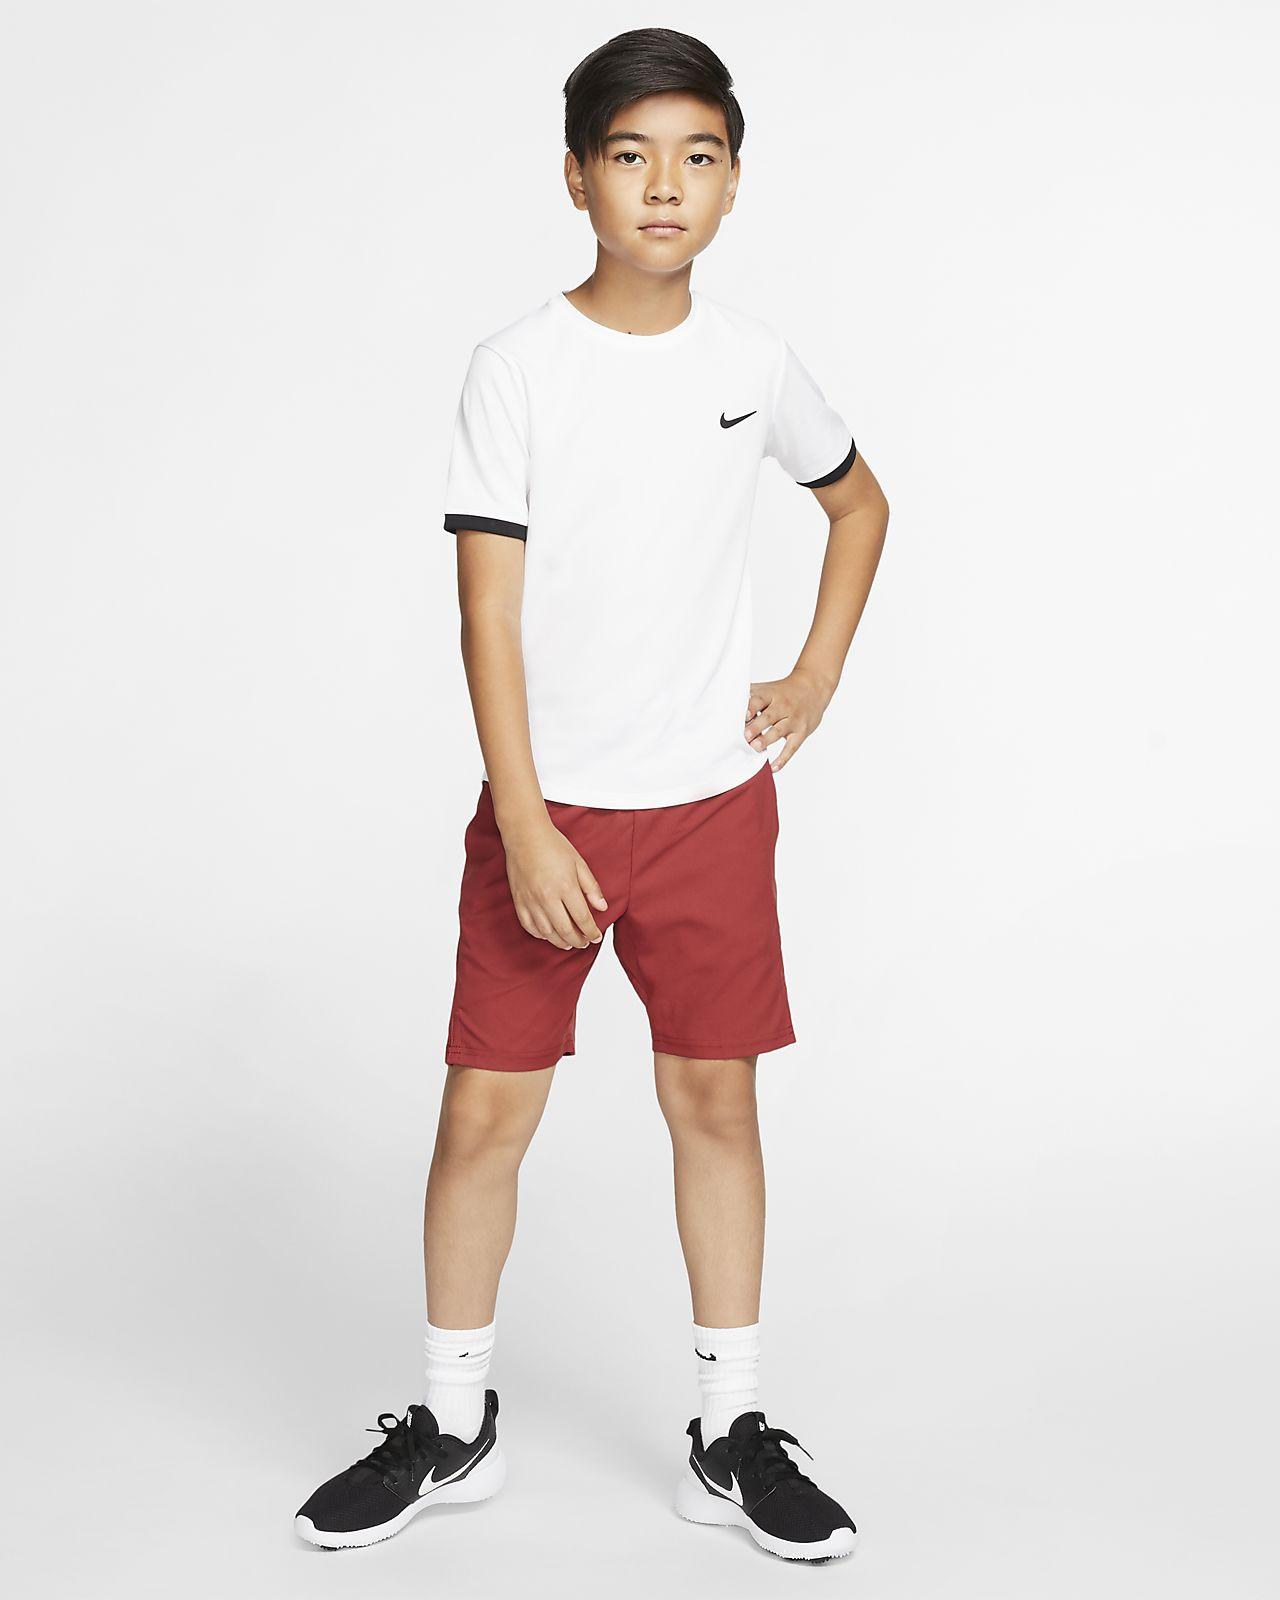 NikeCourt oppvarmingsjakke for tennis til gutt